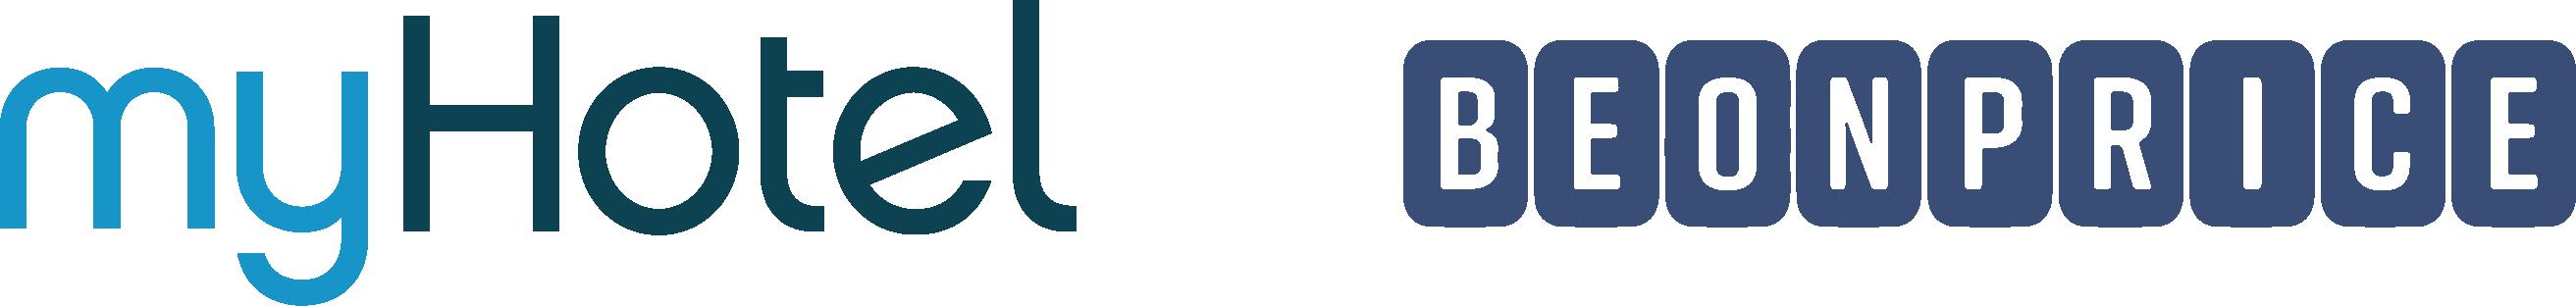 logo webinar beonprice@4x